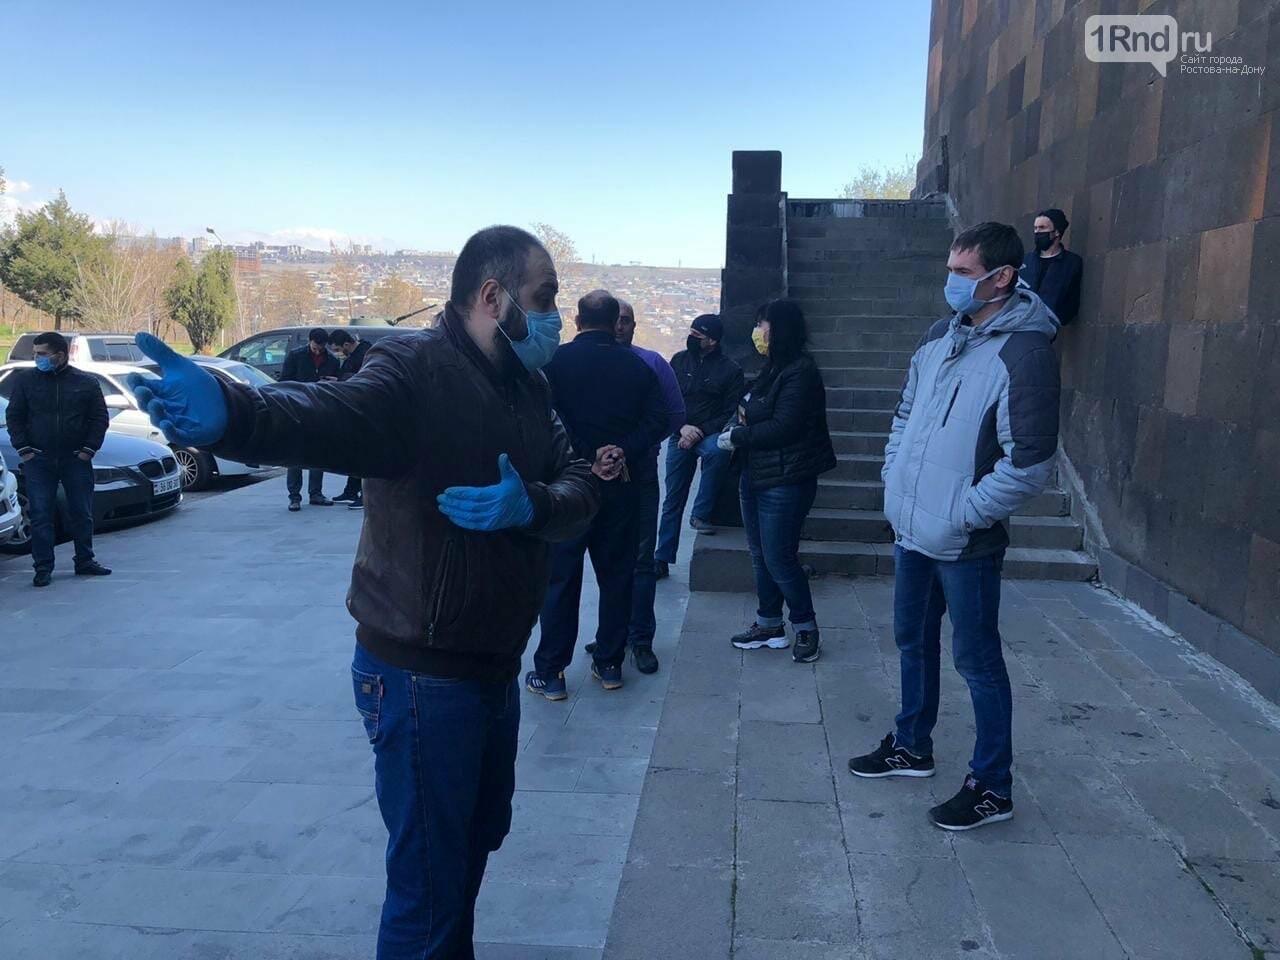 Ростовчане не могут вернуться на родину из Армении из-за закрытых границ, фото-1